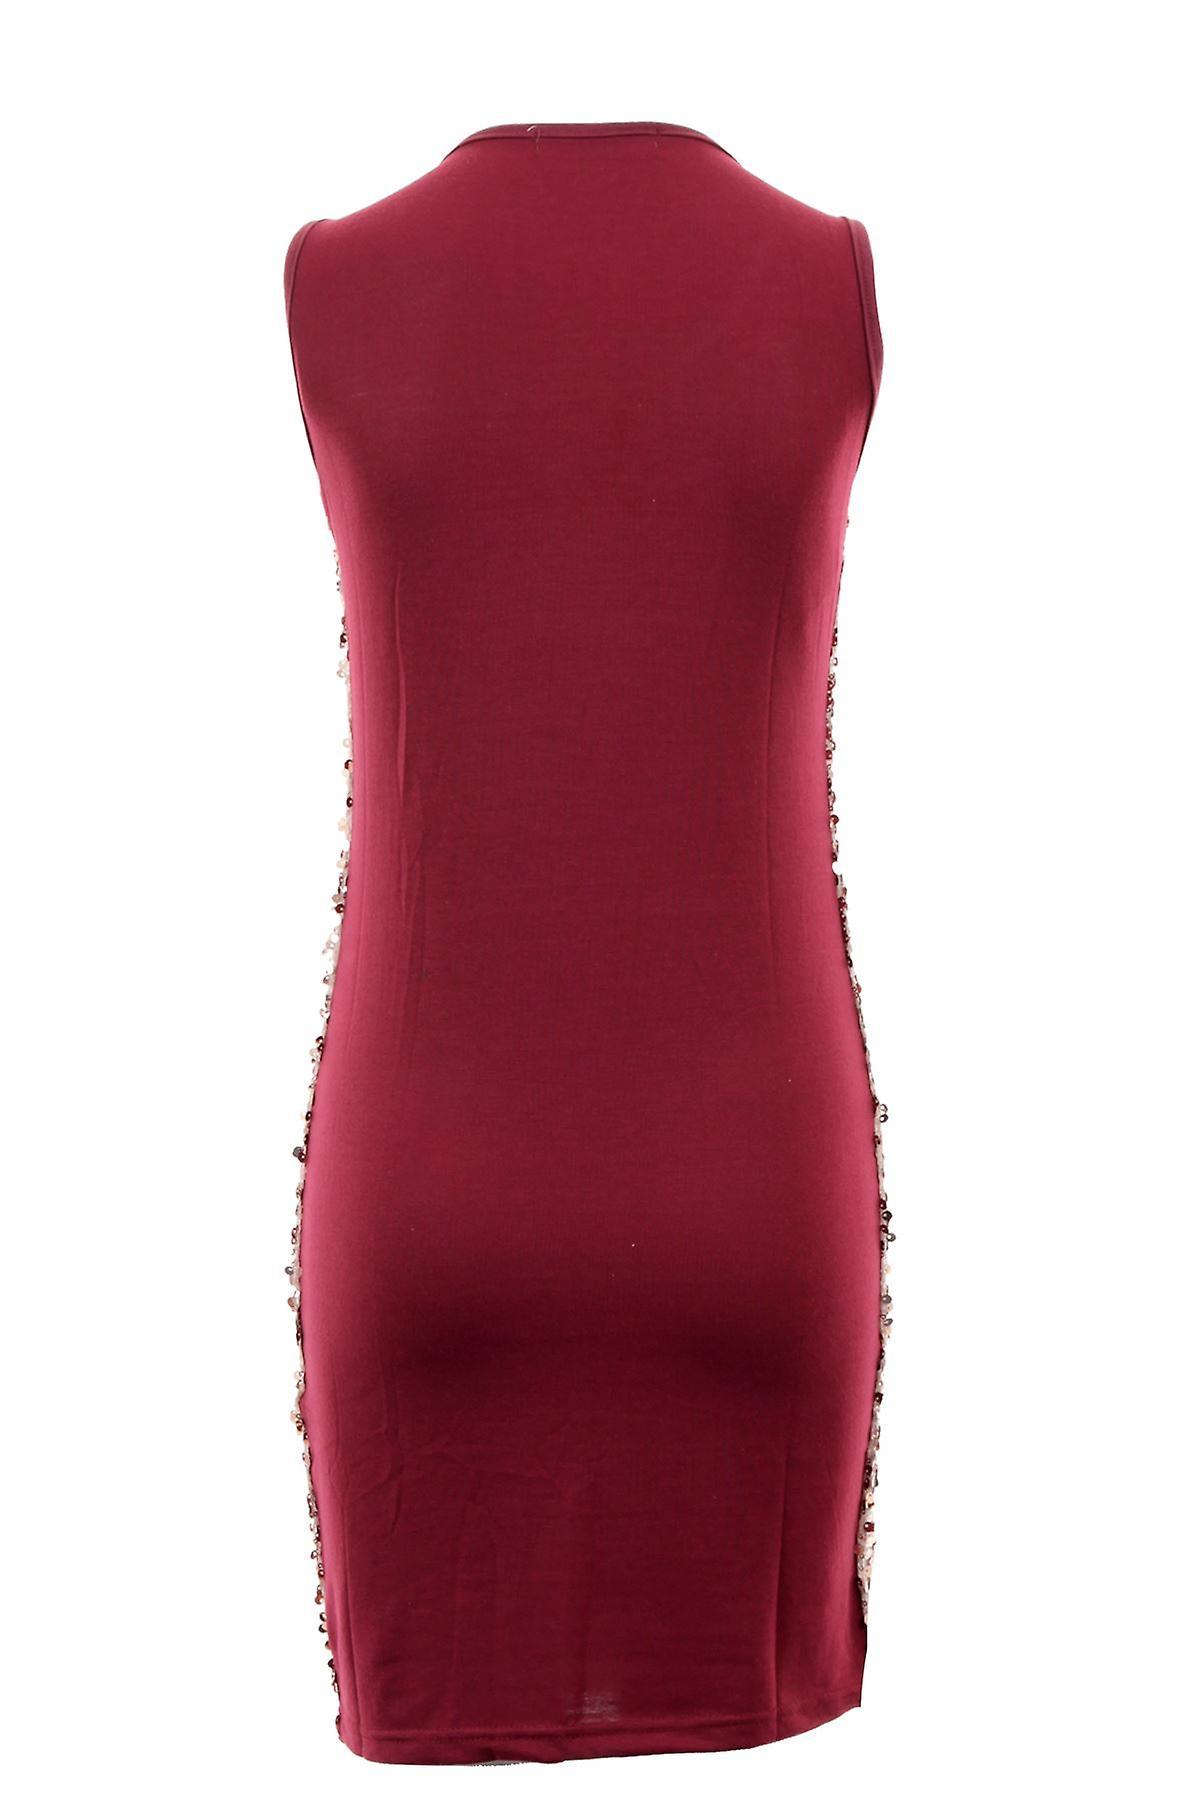 Ladies Round Sequin Shiny Wine Black Beige Plain Back Short Women/'s Party Dress